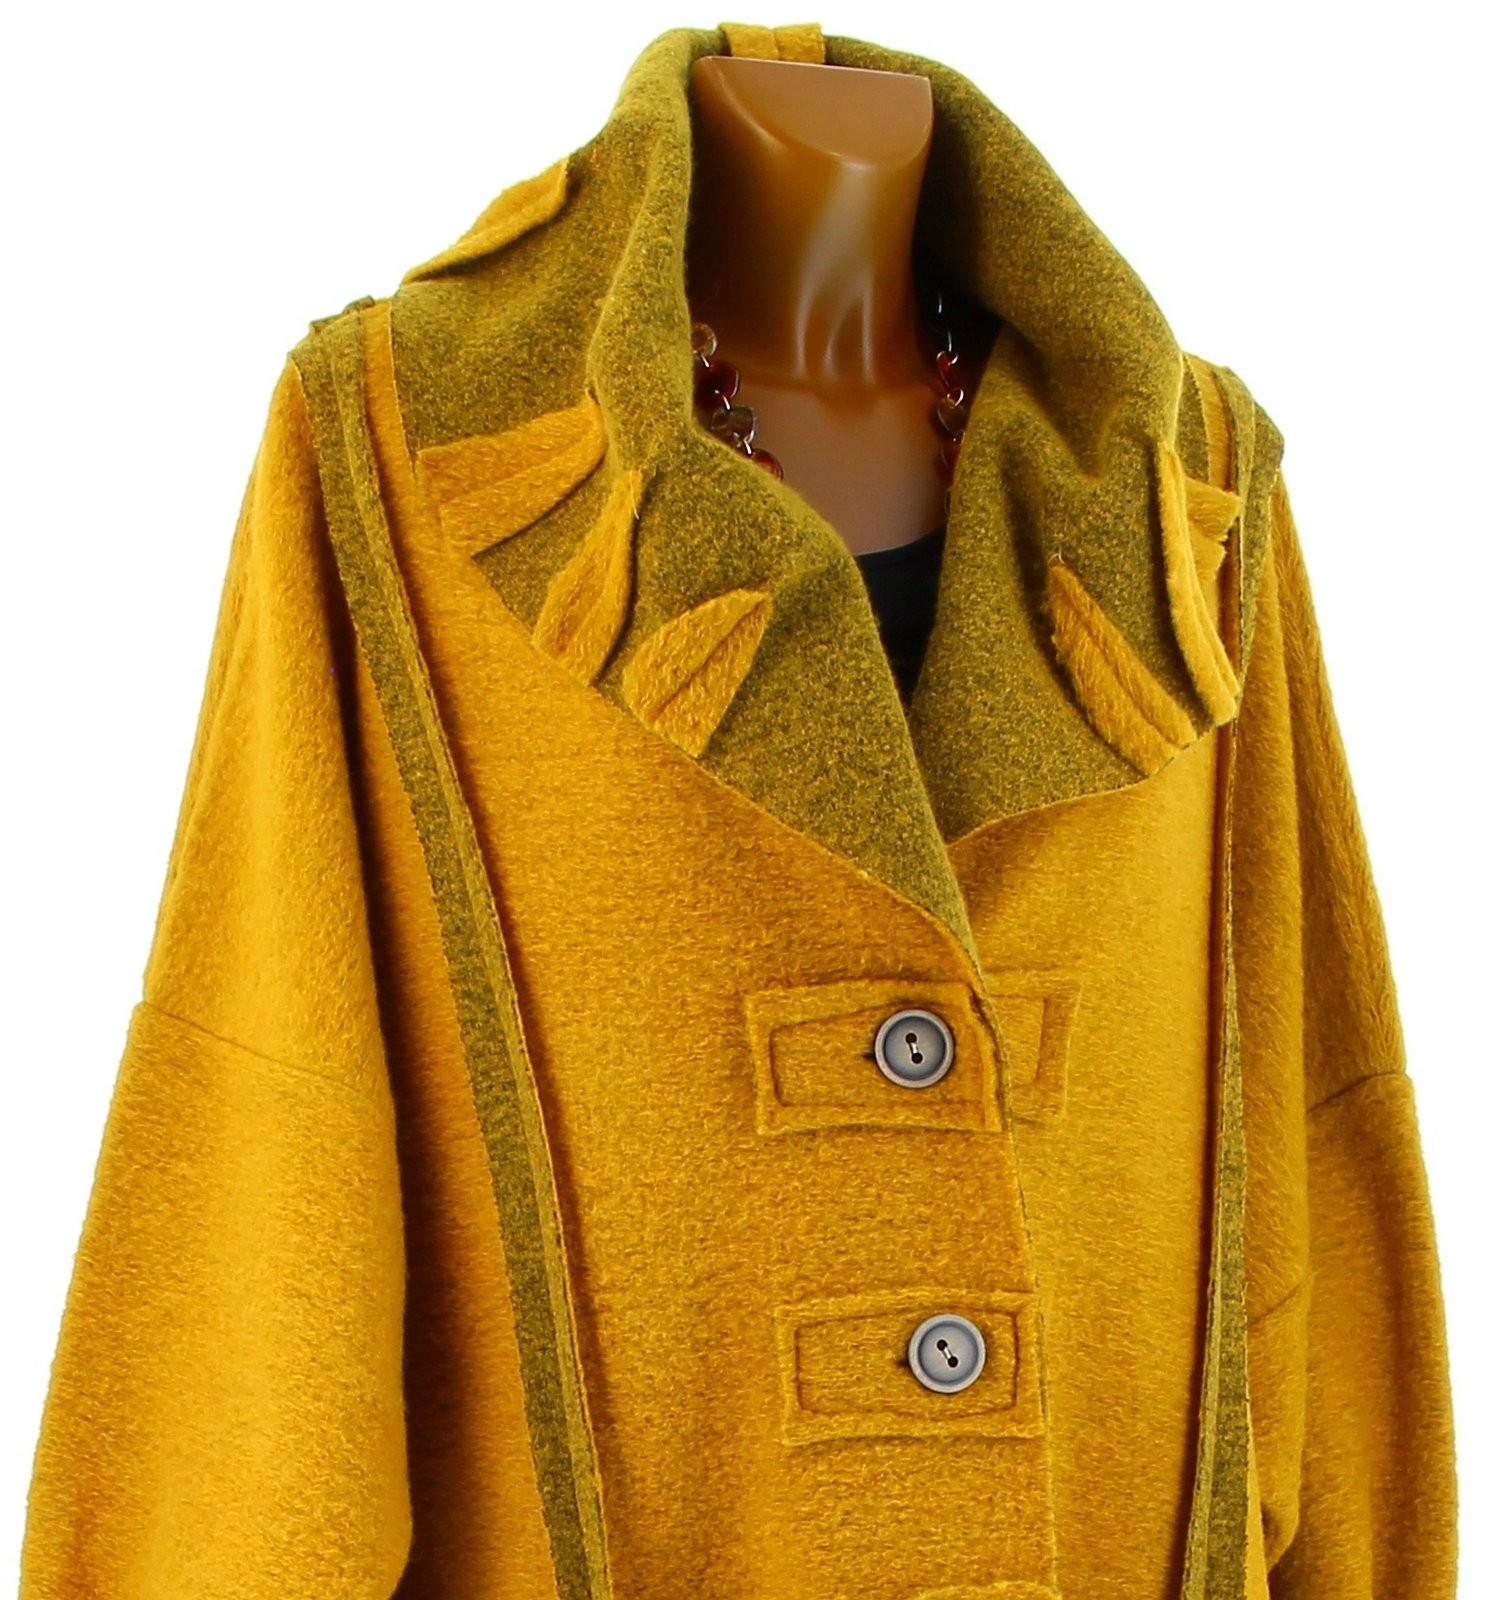 Cherche manteau femme grande taille